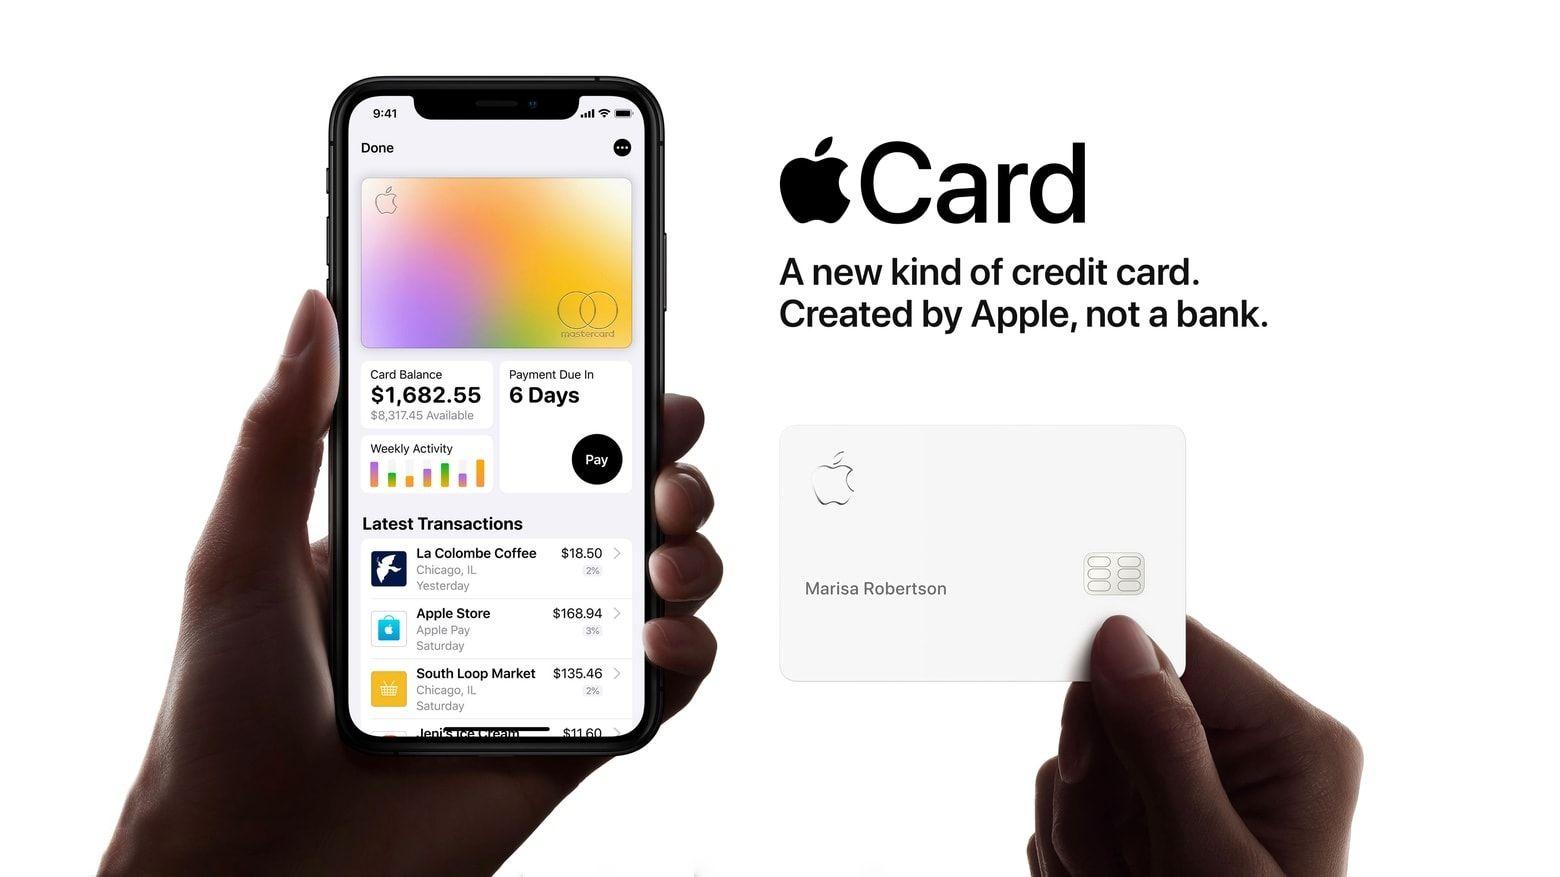 f762023d38de1de448fd6b39b29dd195 - How Long Does It Take To Get The Apple Card